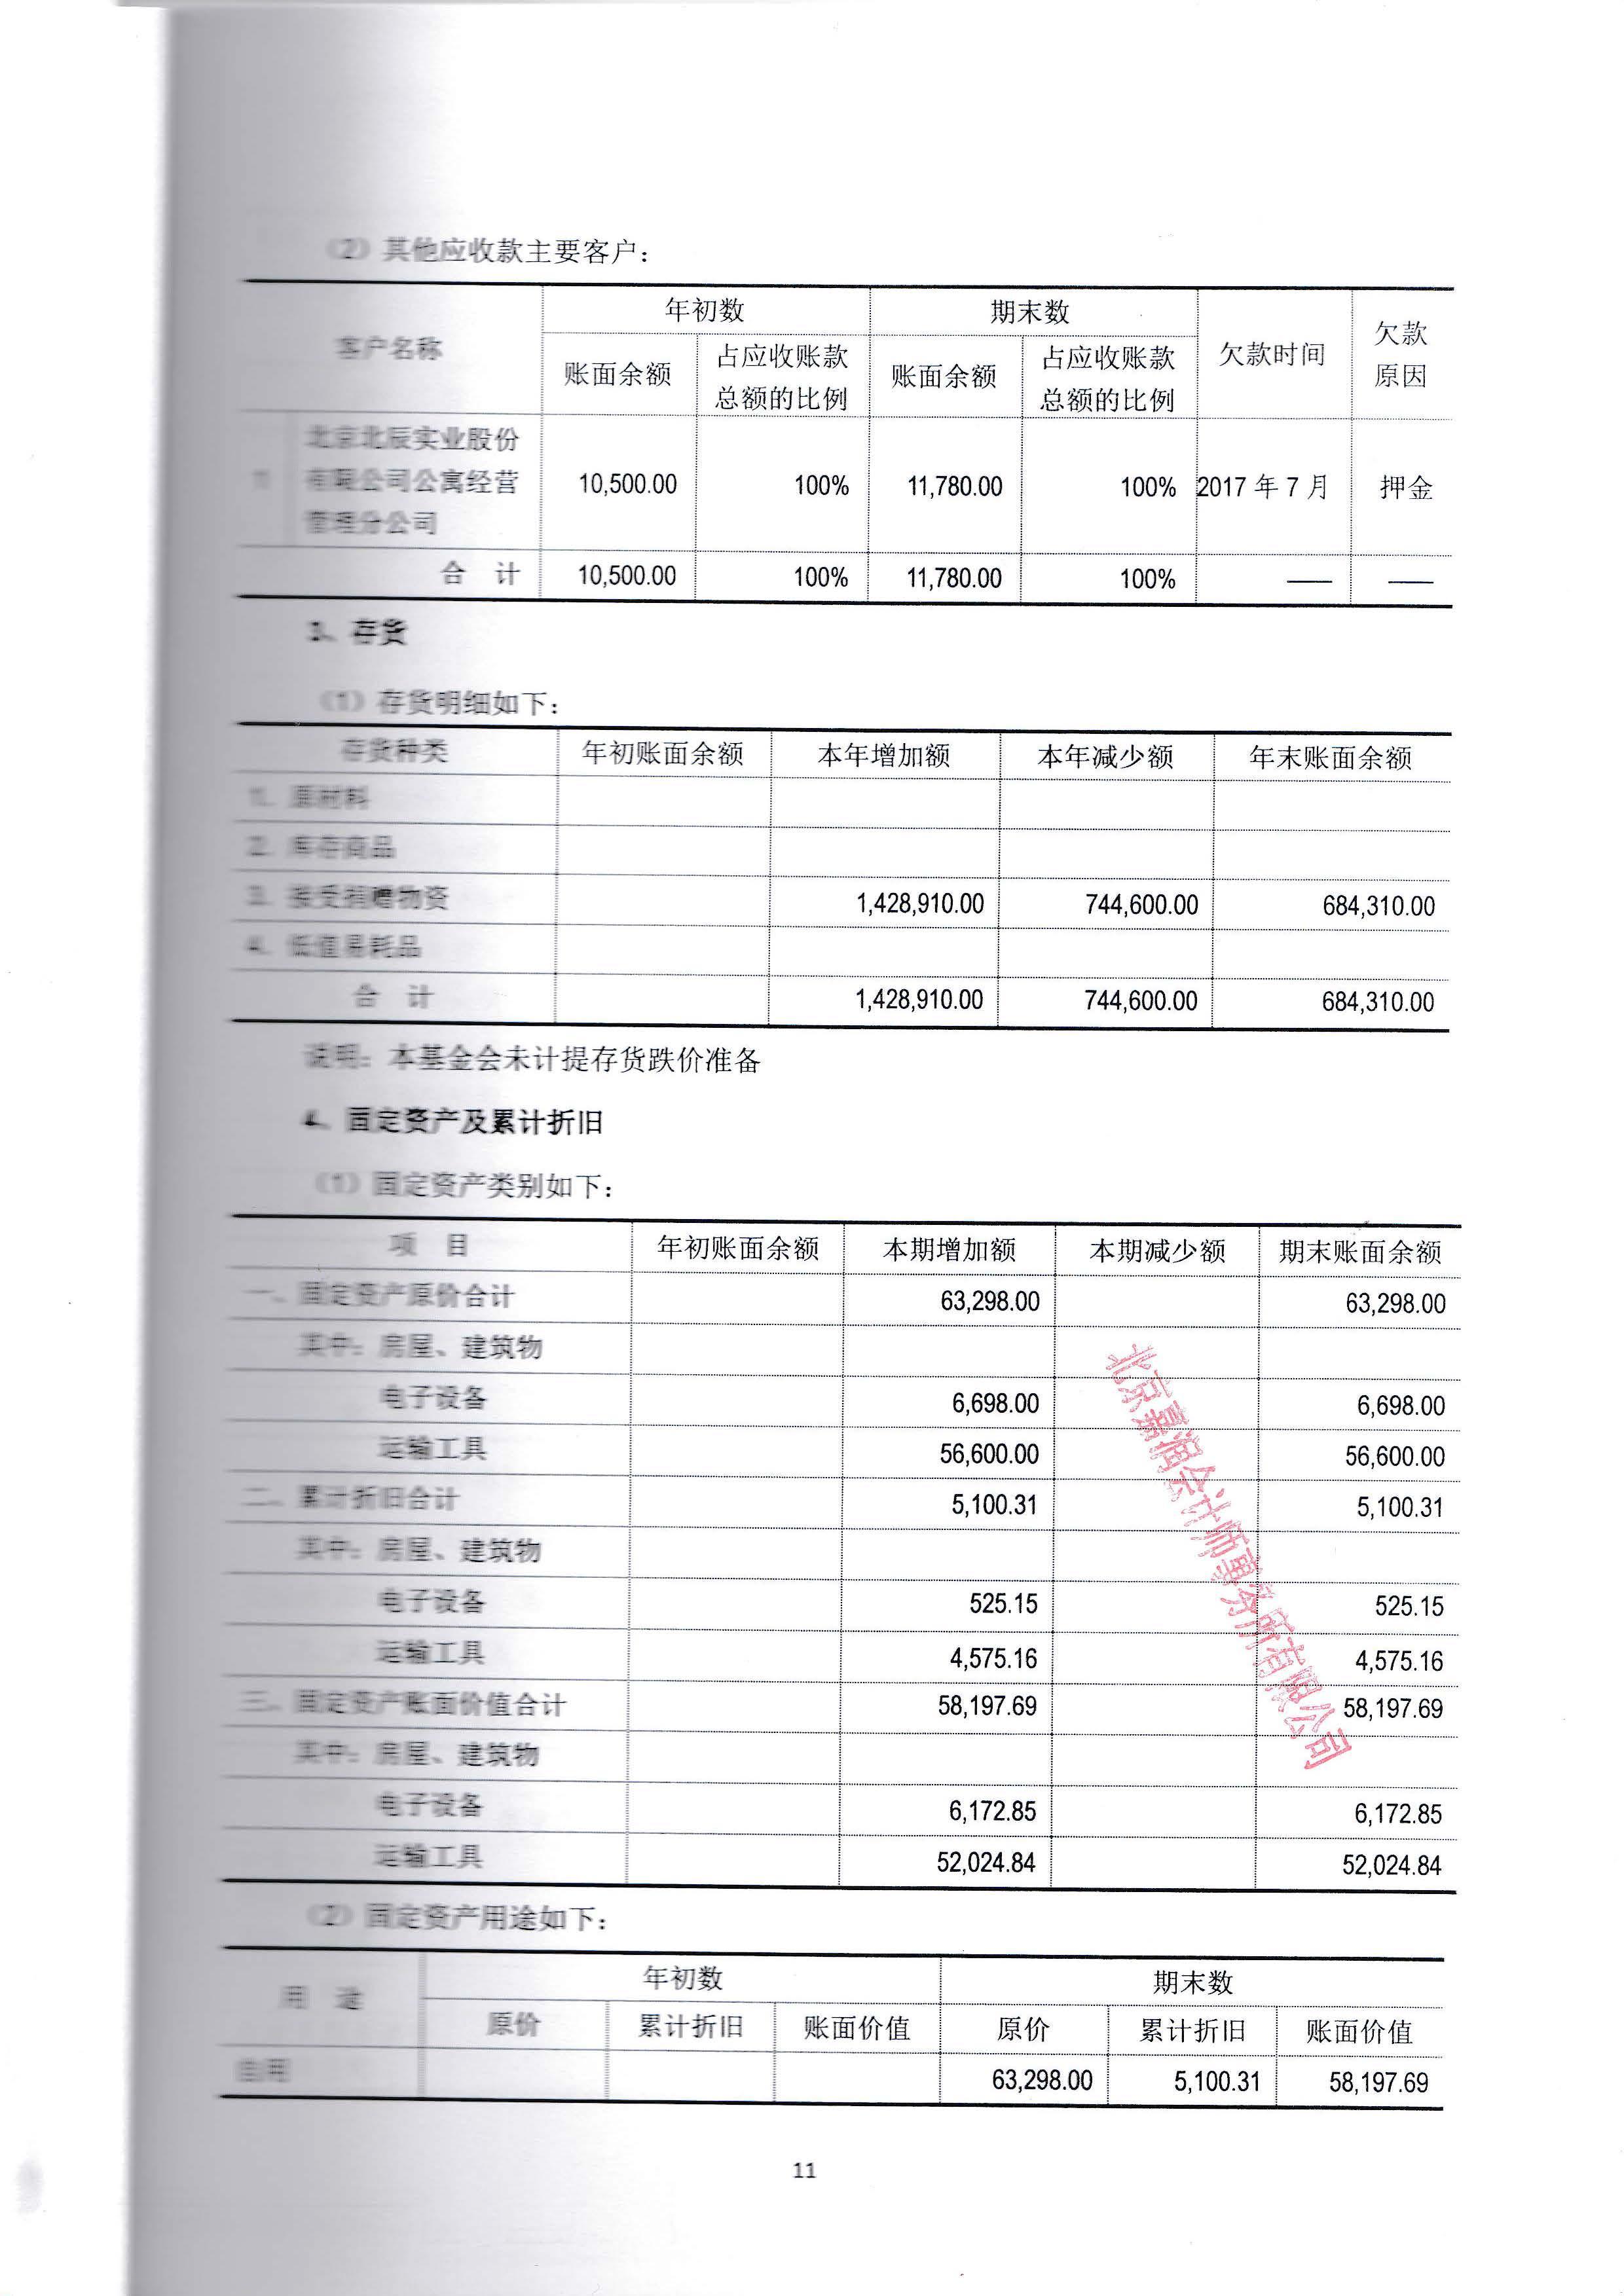 6具有资质的中介机构鉴证的上一年度财务报表和审计报告_页面_14